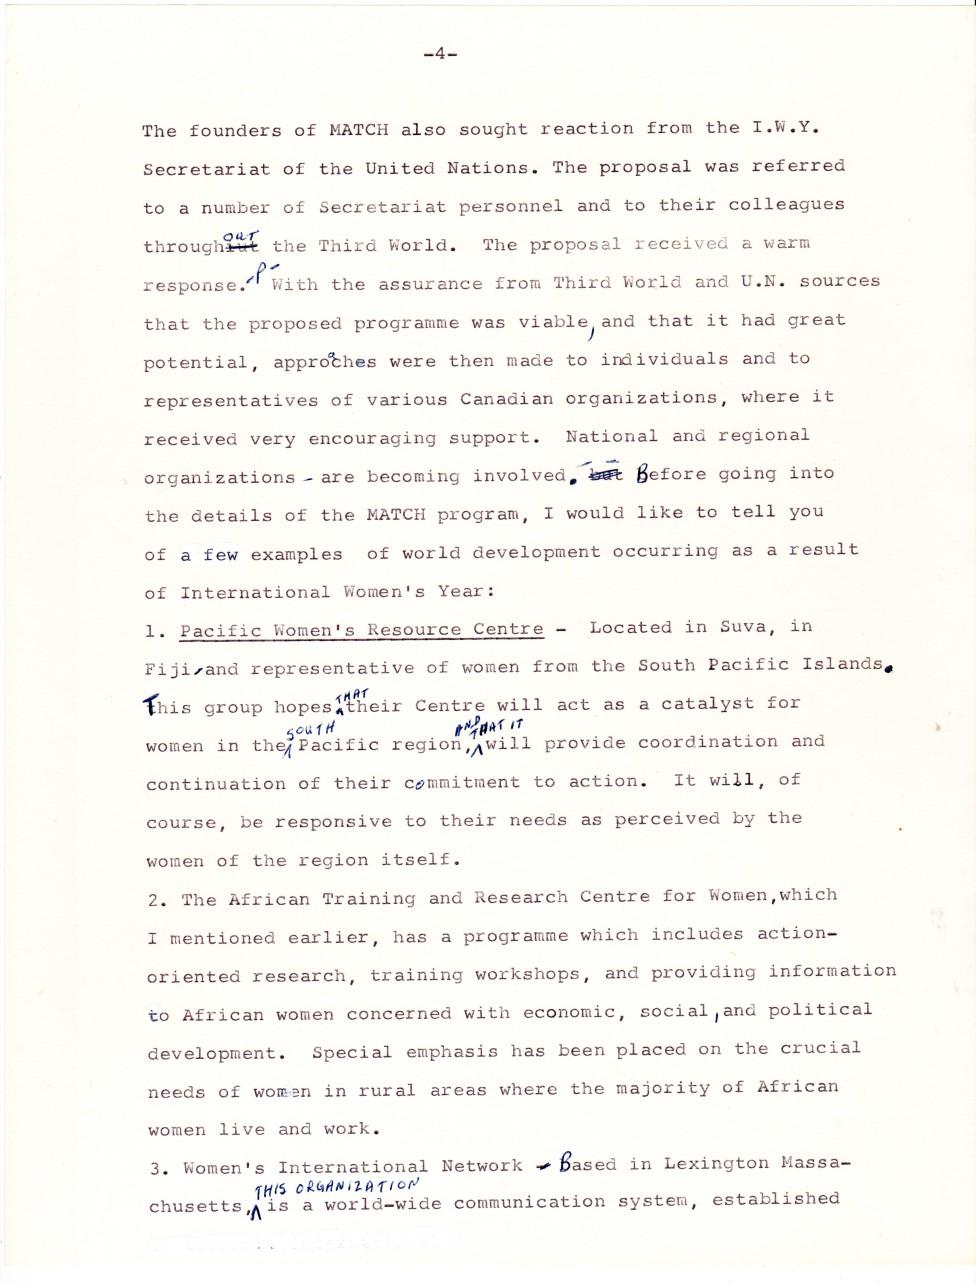 MATCH - Page 4